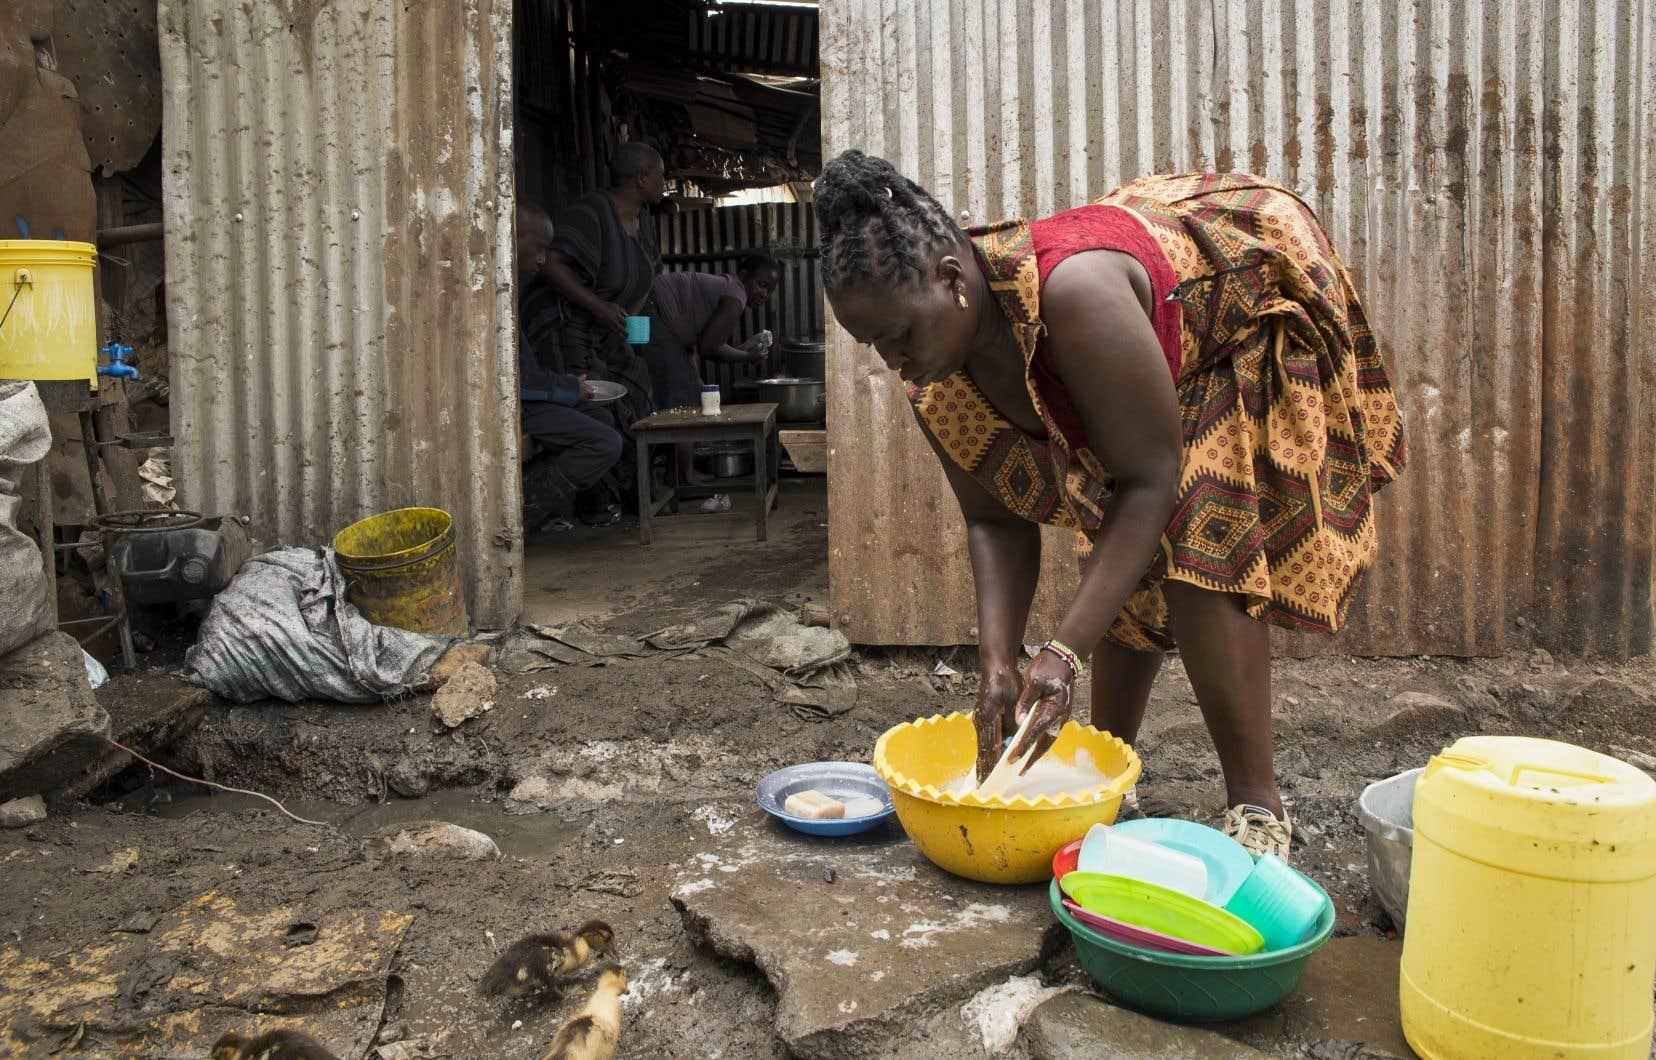 Clarice Akinyi fait la lessive dans le village de Mashimoni, à Nairobi, au Kenya. Elle se dit fière d'être une travailleuse domestique mais se sent très frustrée et en colère à cause du mauvais traitement que lui ont réservé ses employeurs.